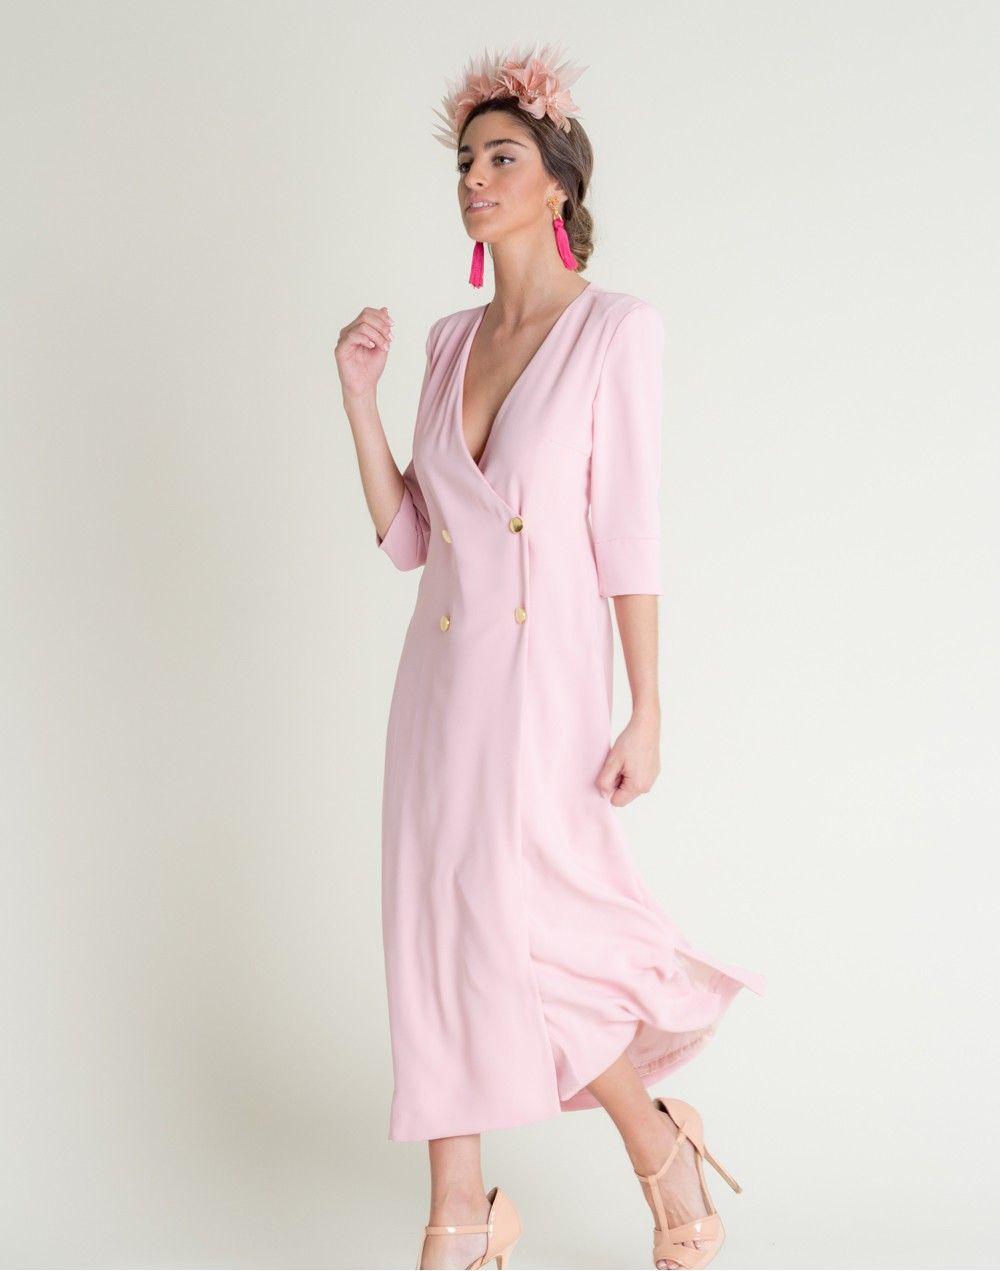 9c31412ba Vestido midi camisero con botones de Dnook Este vestido es perfecto para  llevar a tus eventos